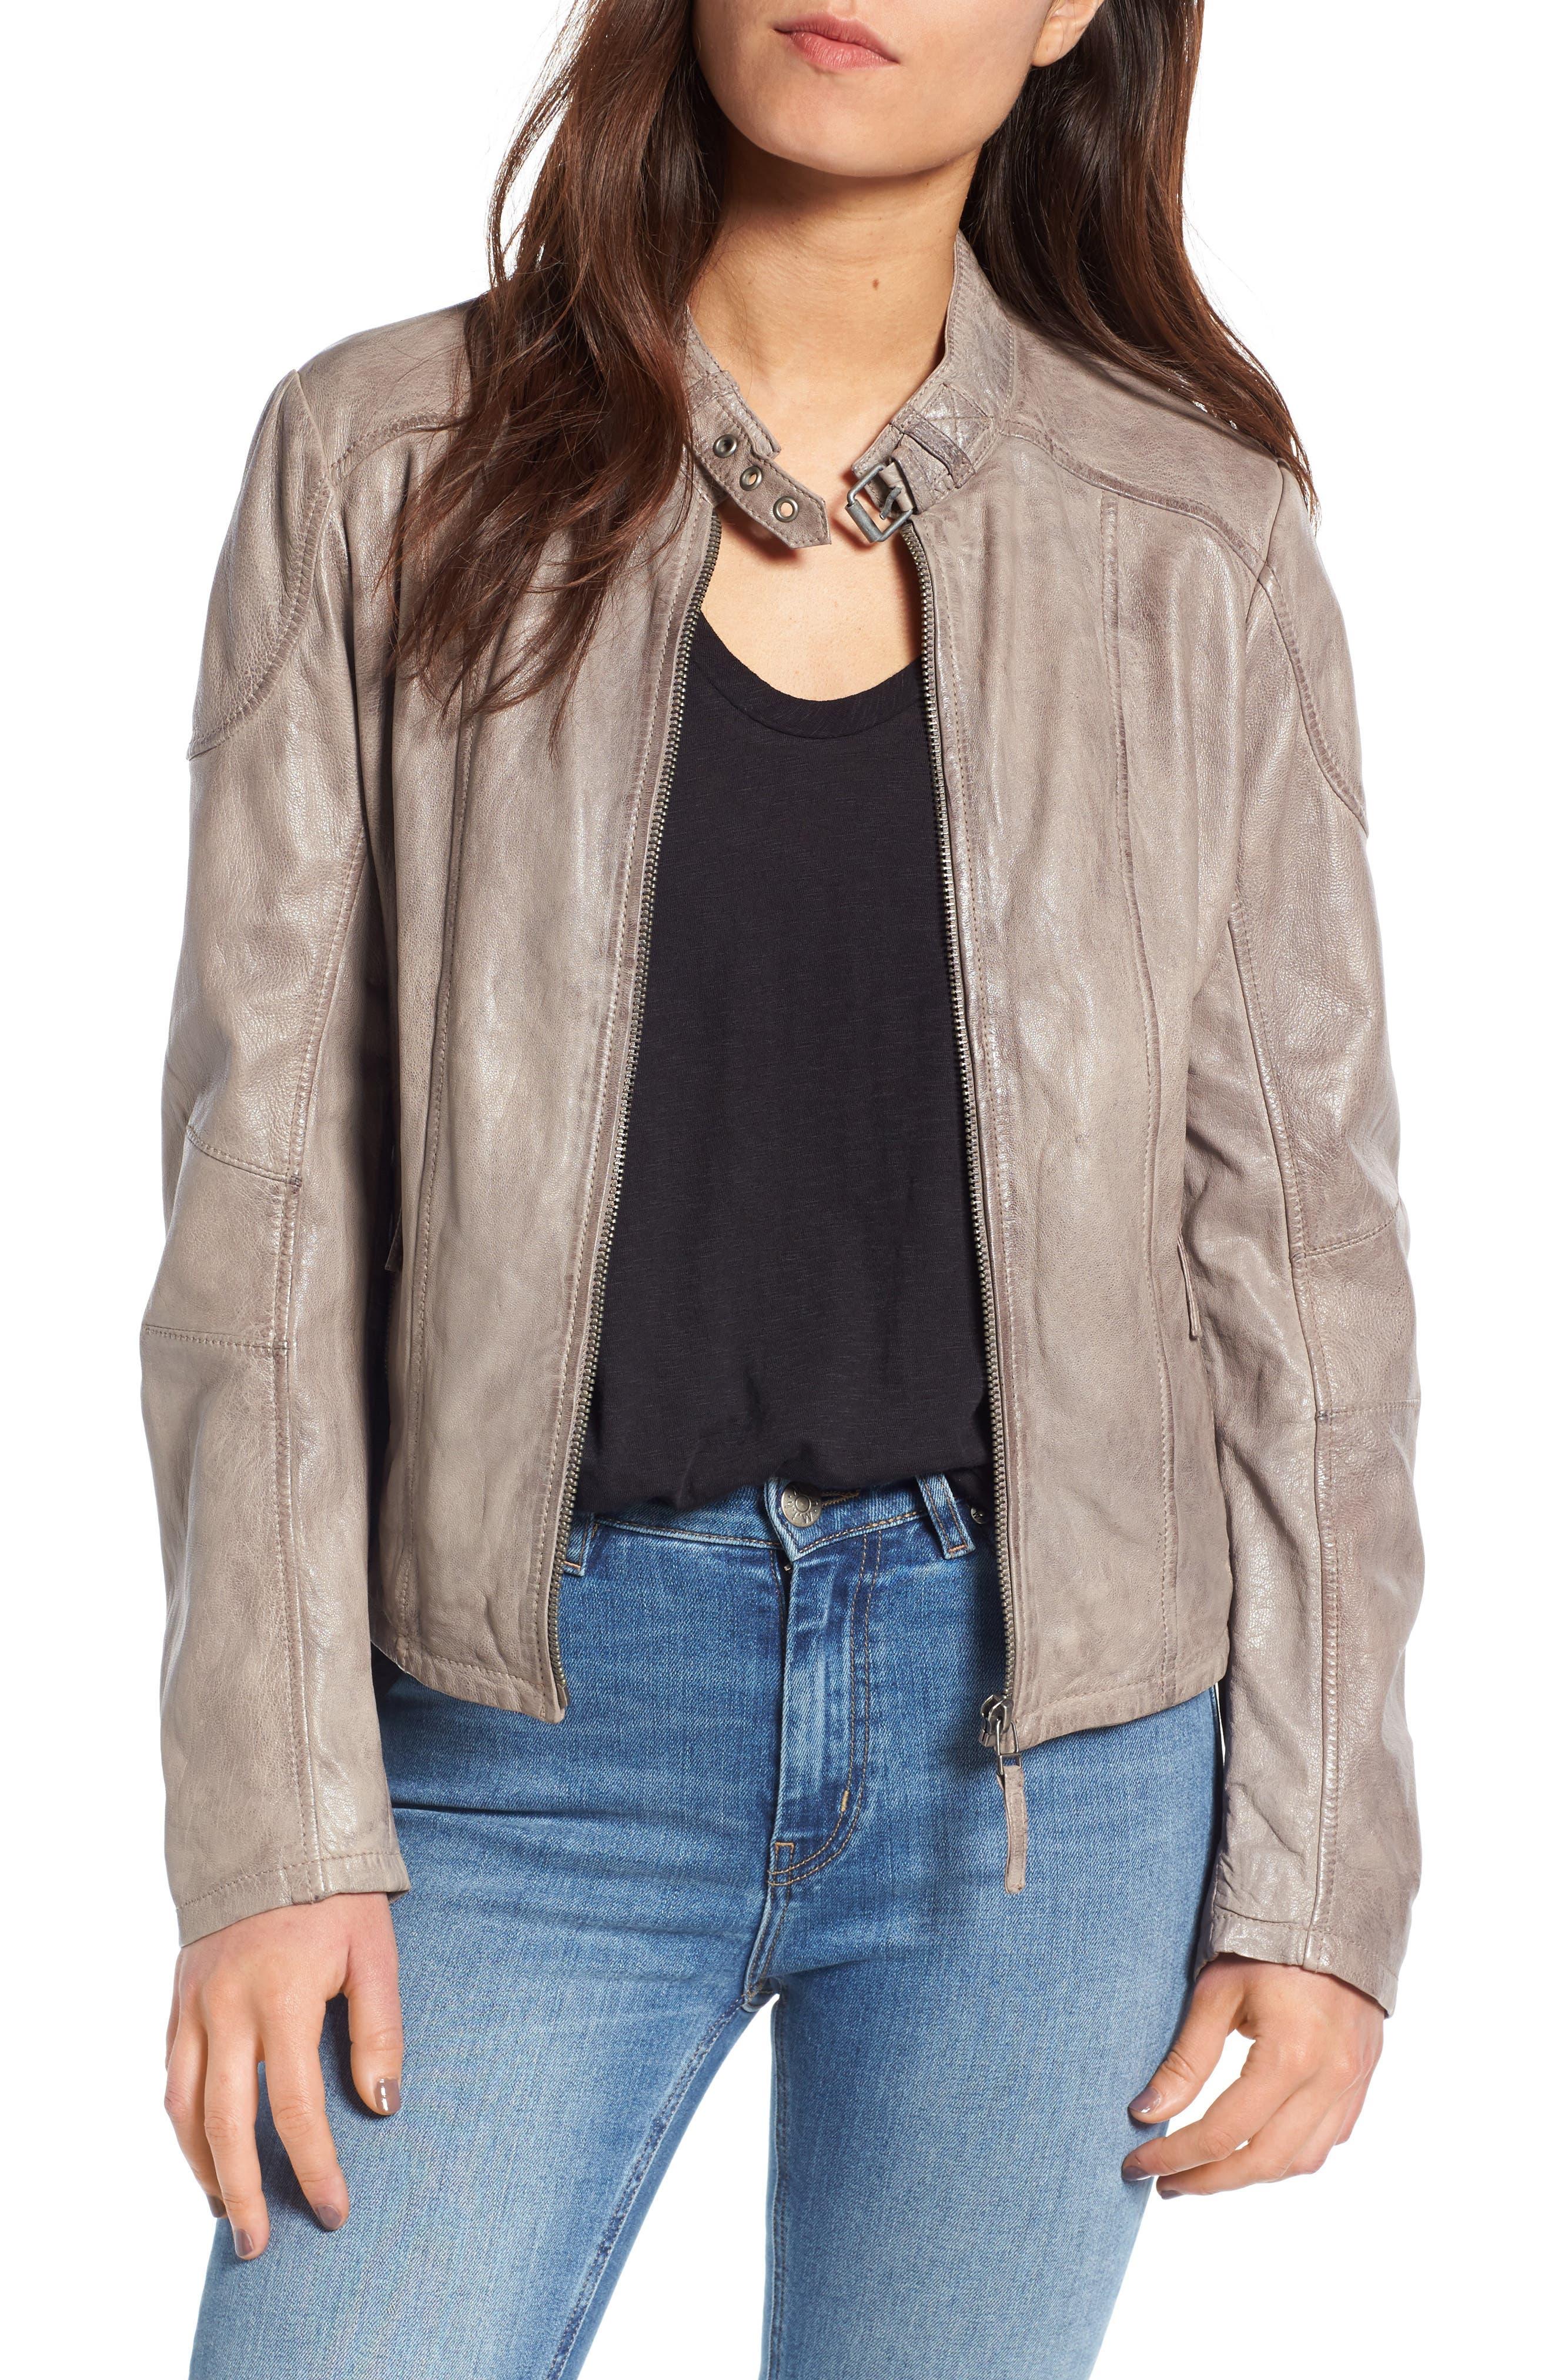 MAURITIUS Leather Moto Jacket